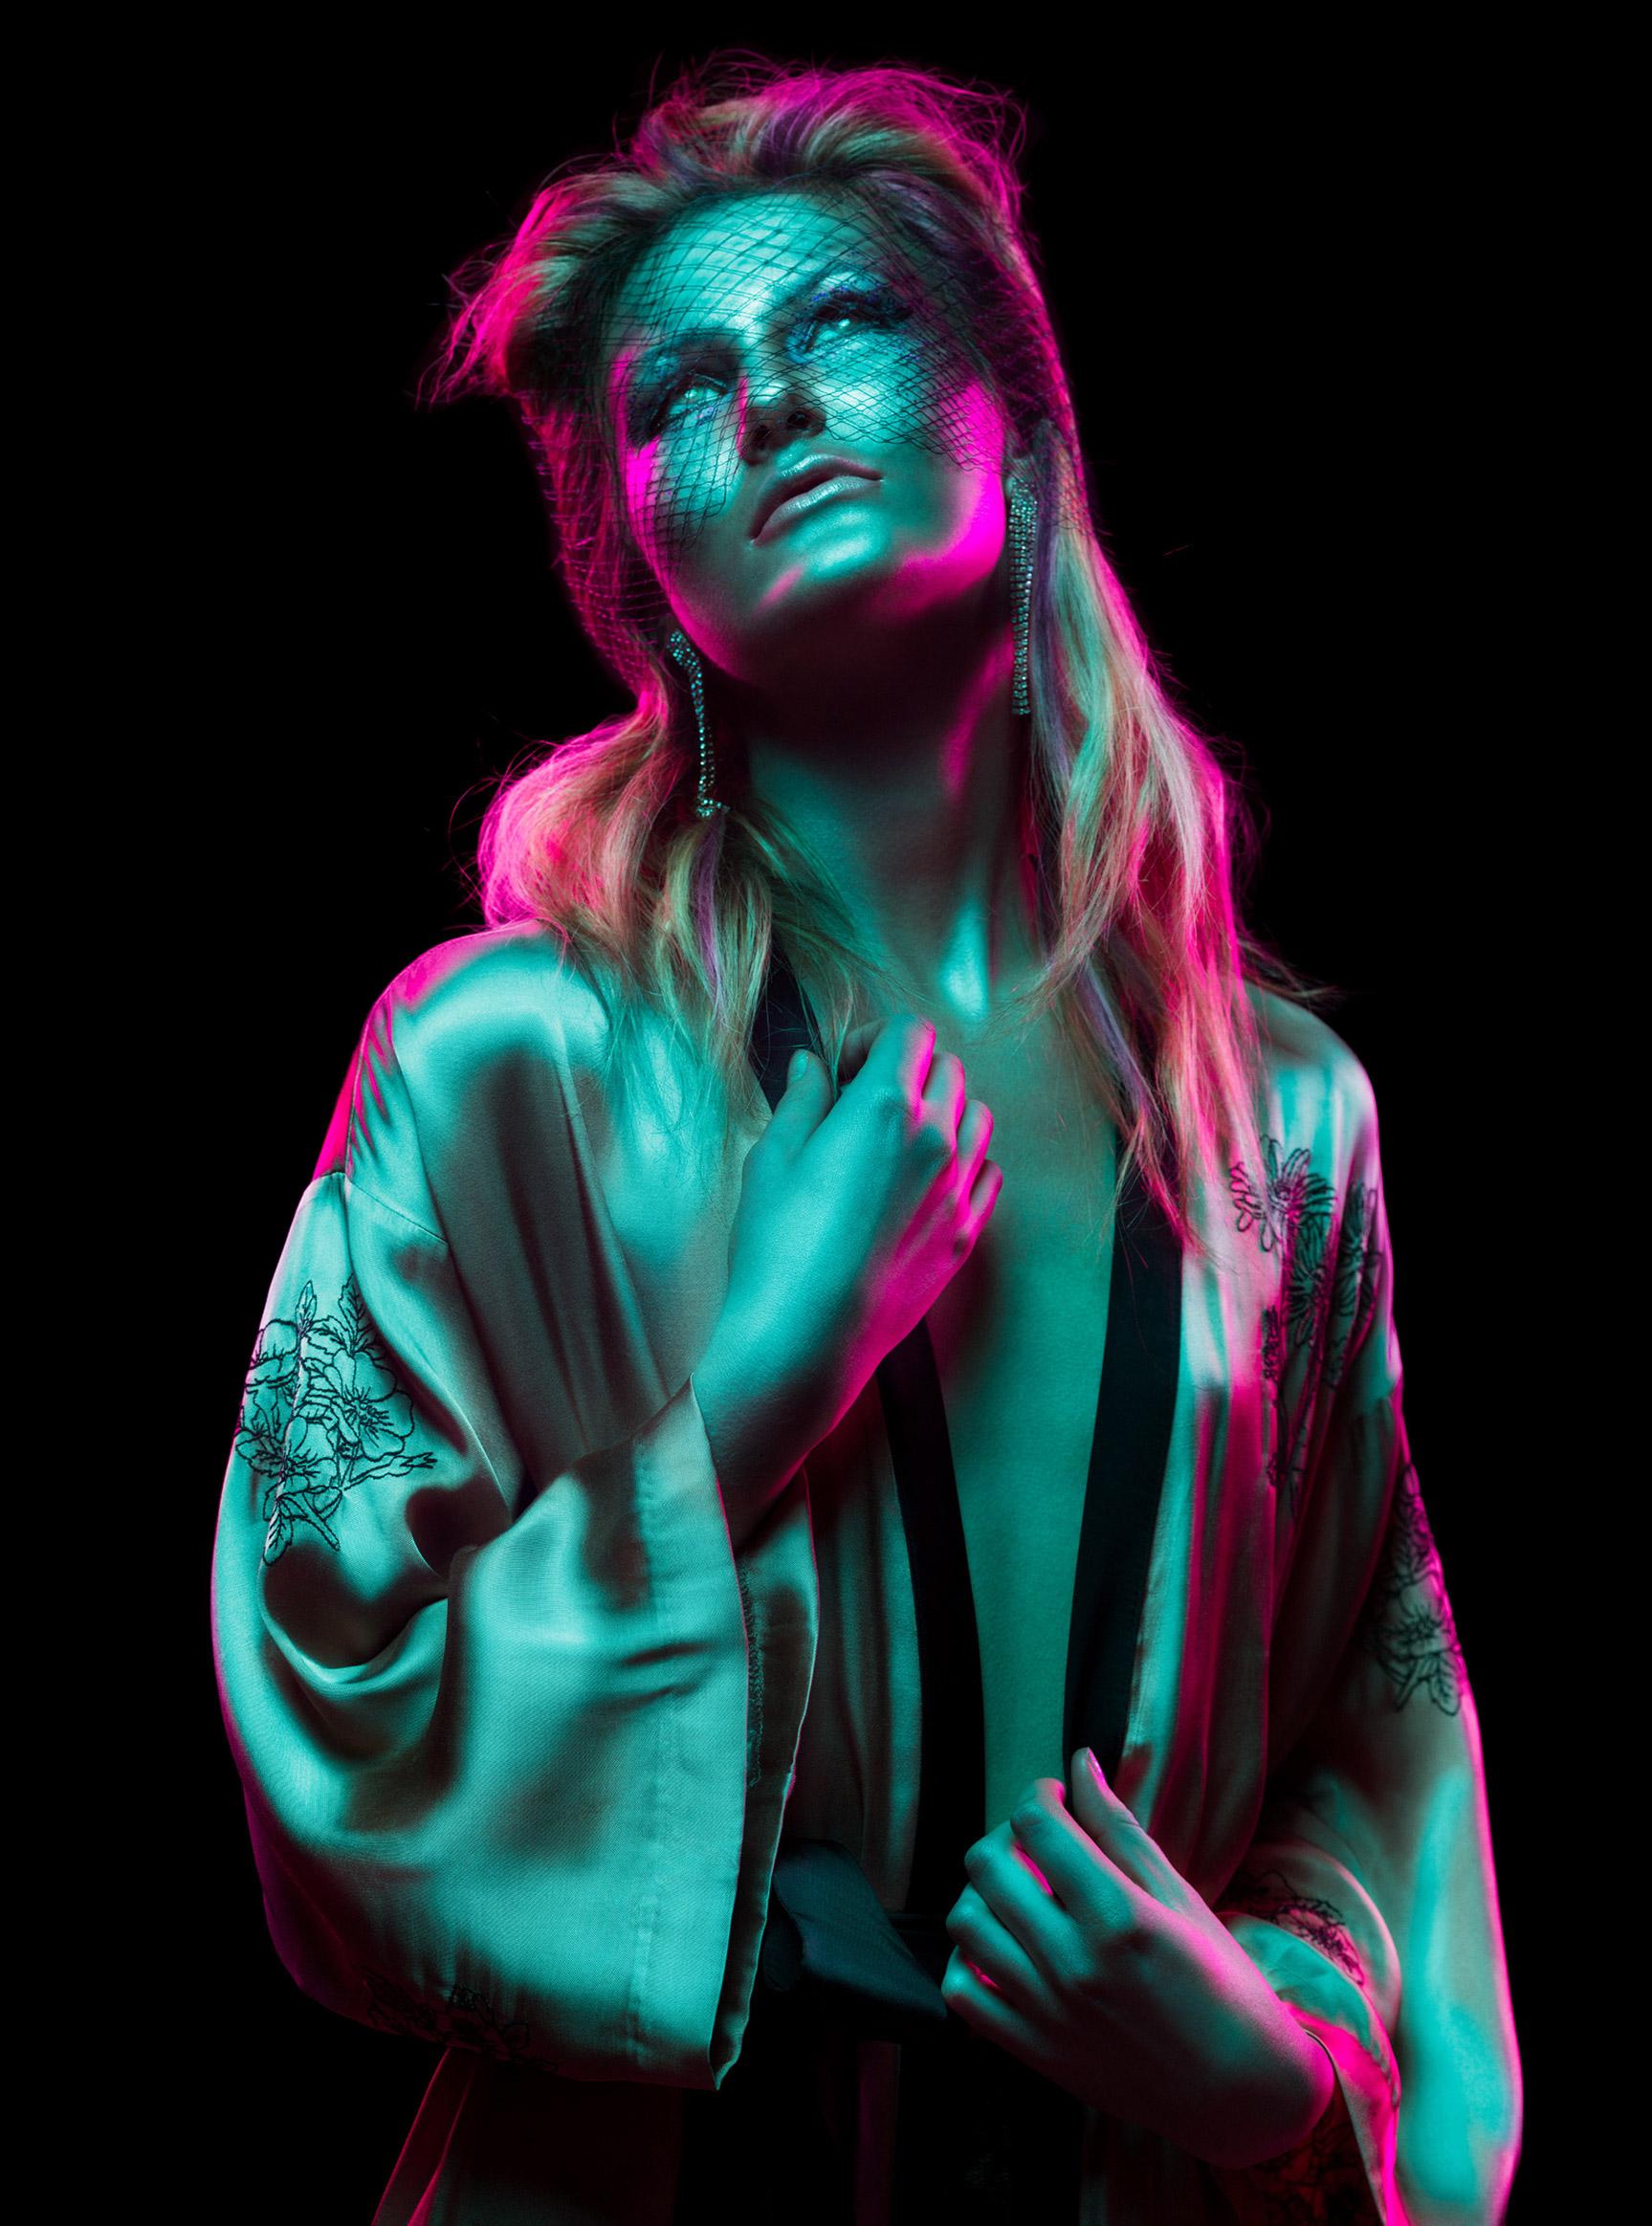 Красивая девушка в отблесках ночи / Рейчел Флинн, фотограф Андре Шнейдер / фото 09